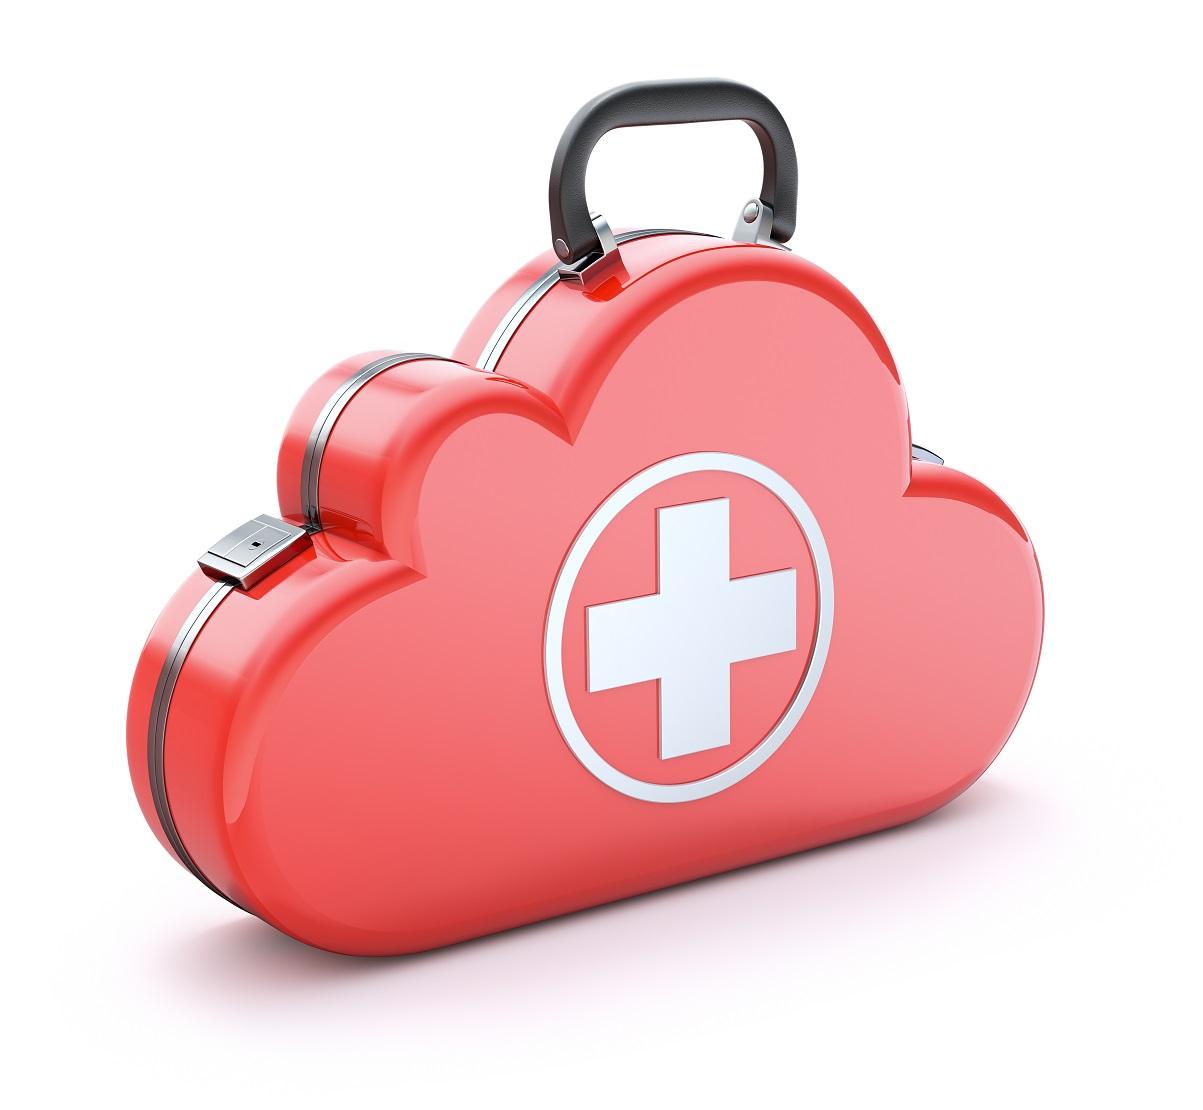 Informatique Cloud dans une valise